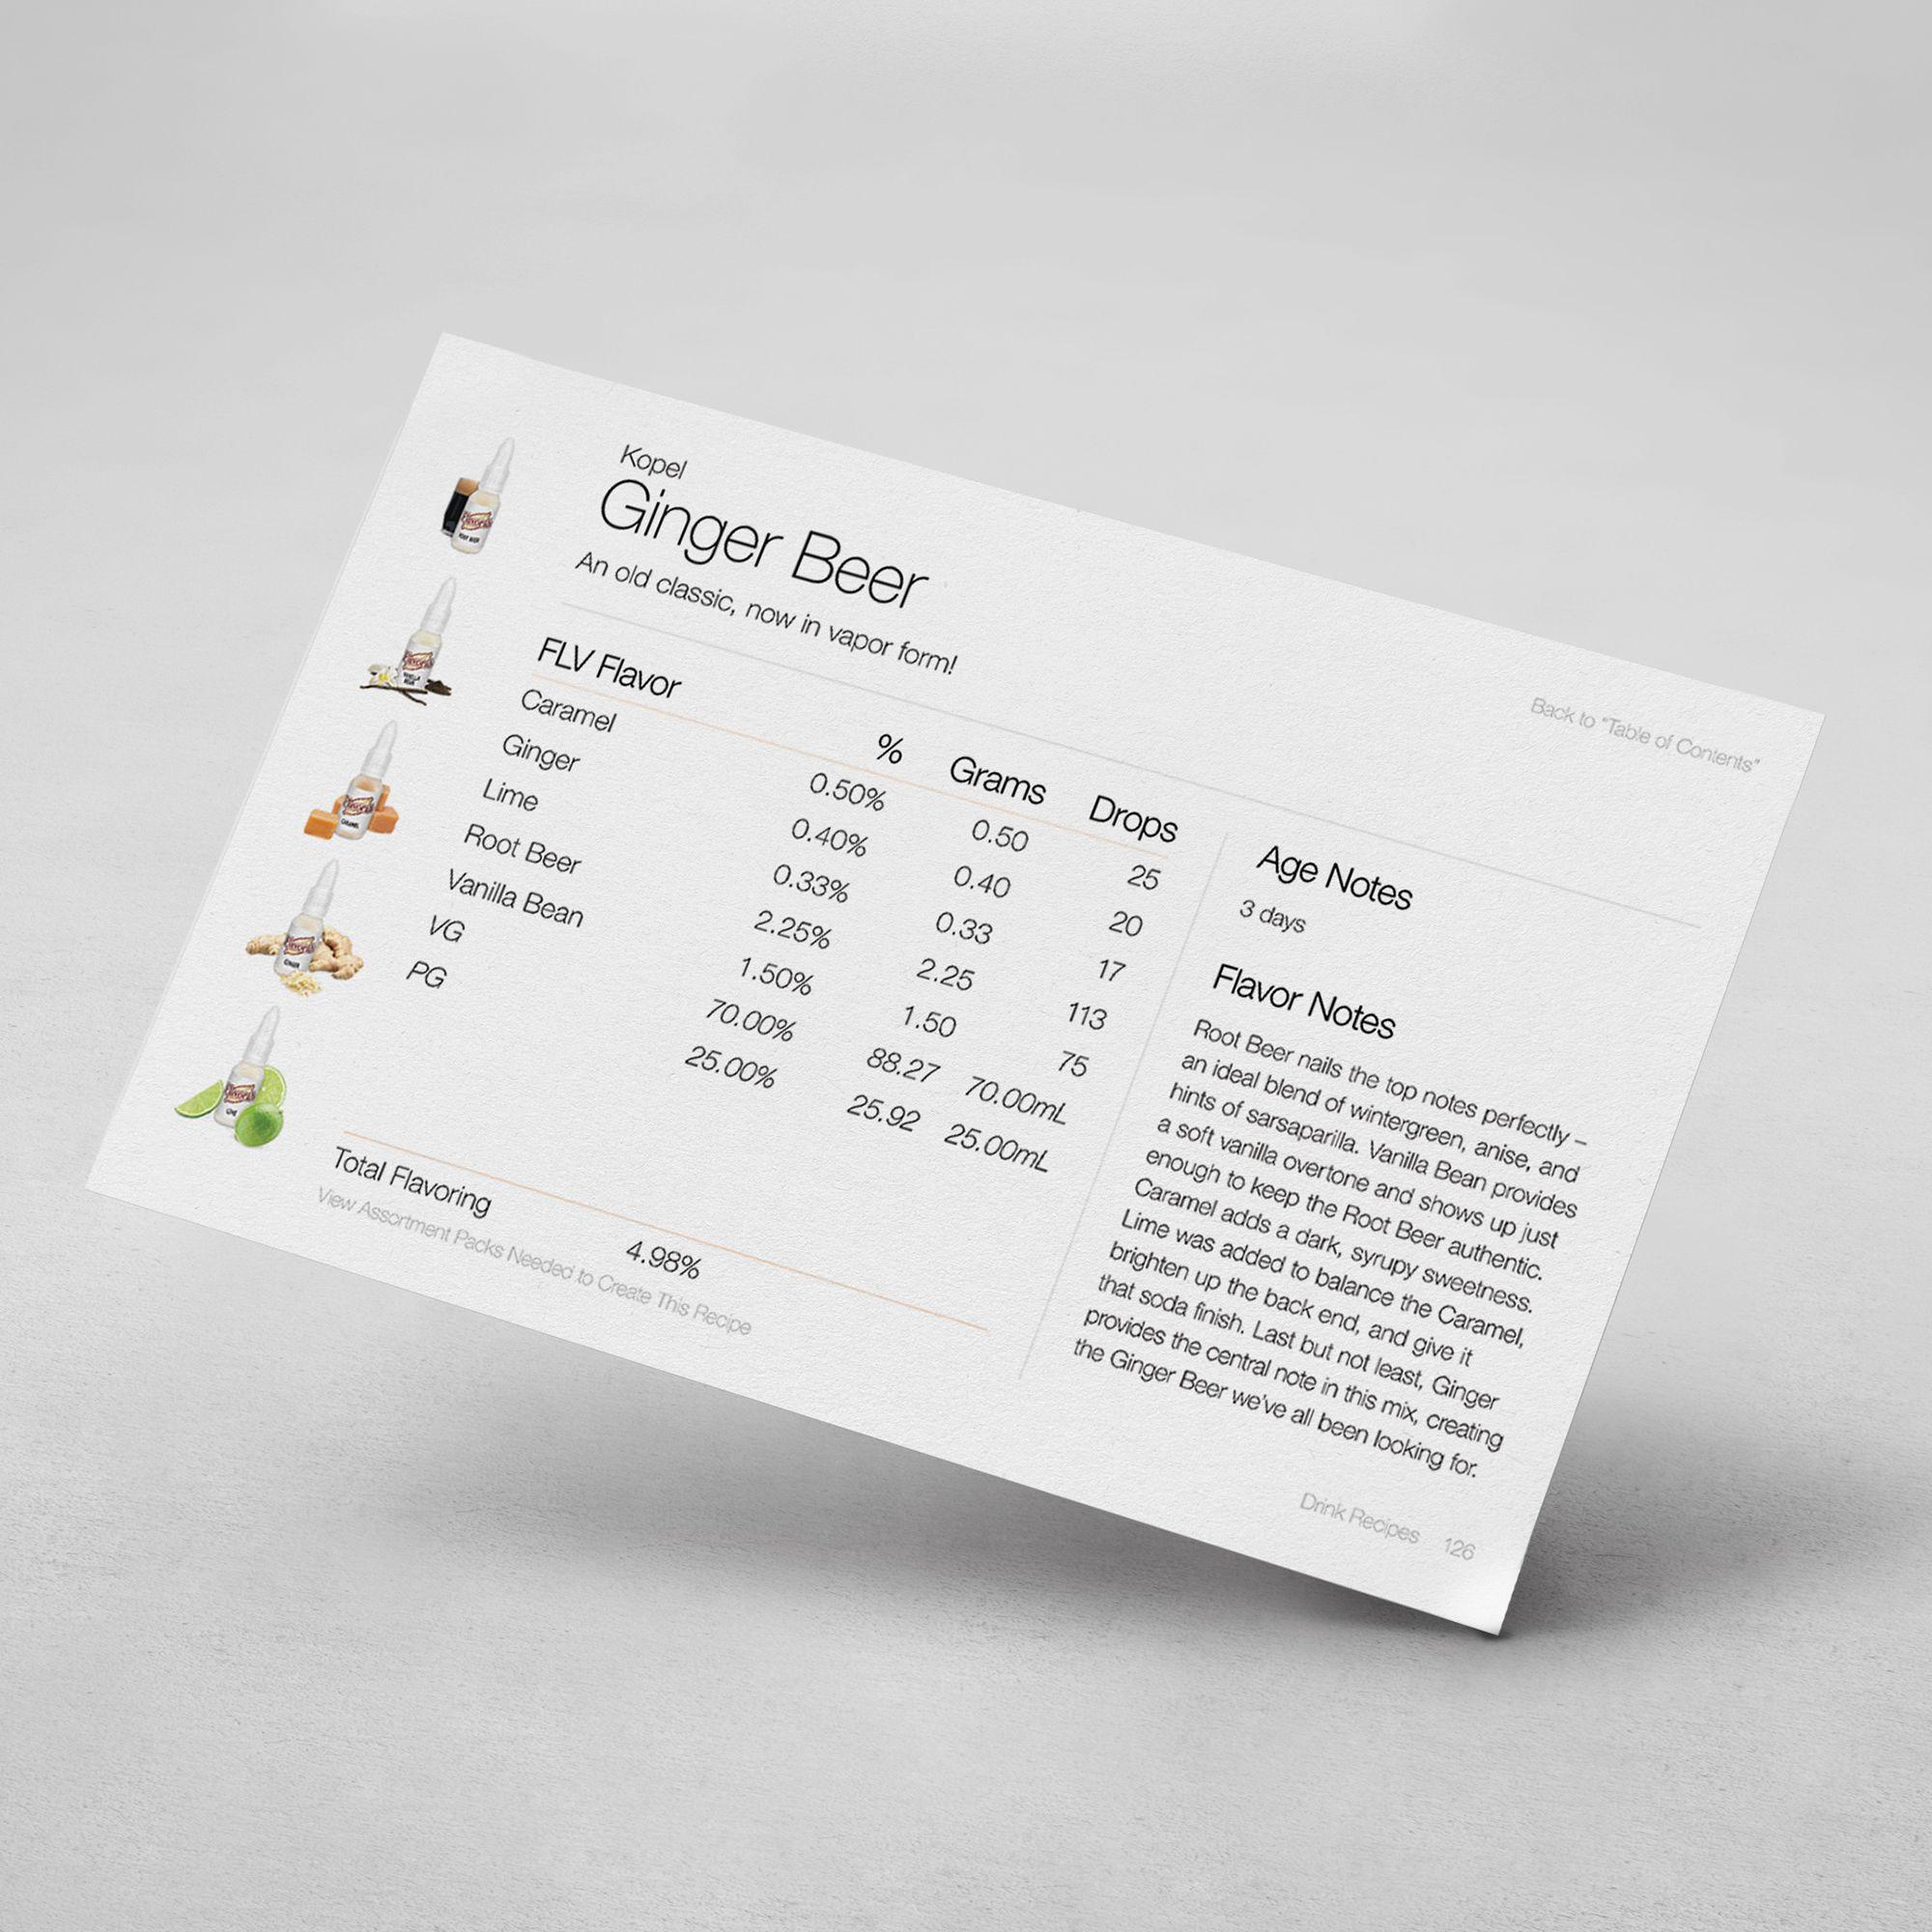 Vape Recipe Book Mastering The Art Of Diy Vapor Flavorah Flv Recipe Book Diy Eliquid Recipes Eliquid Recipe